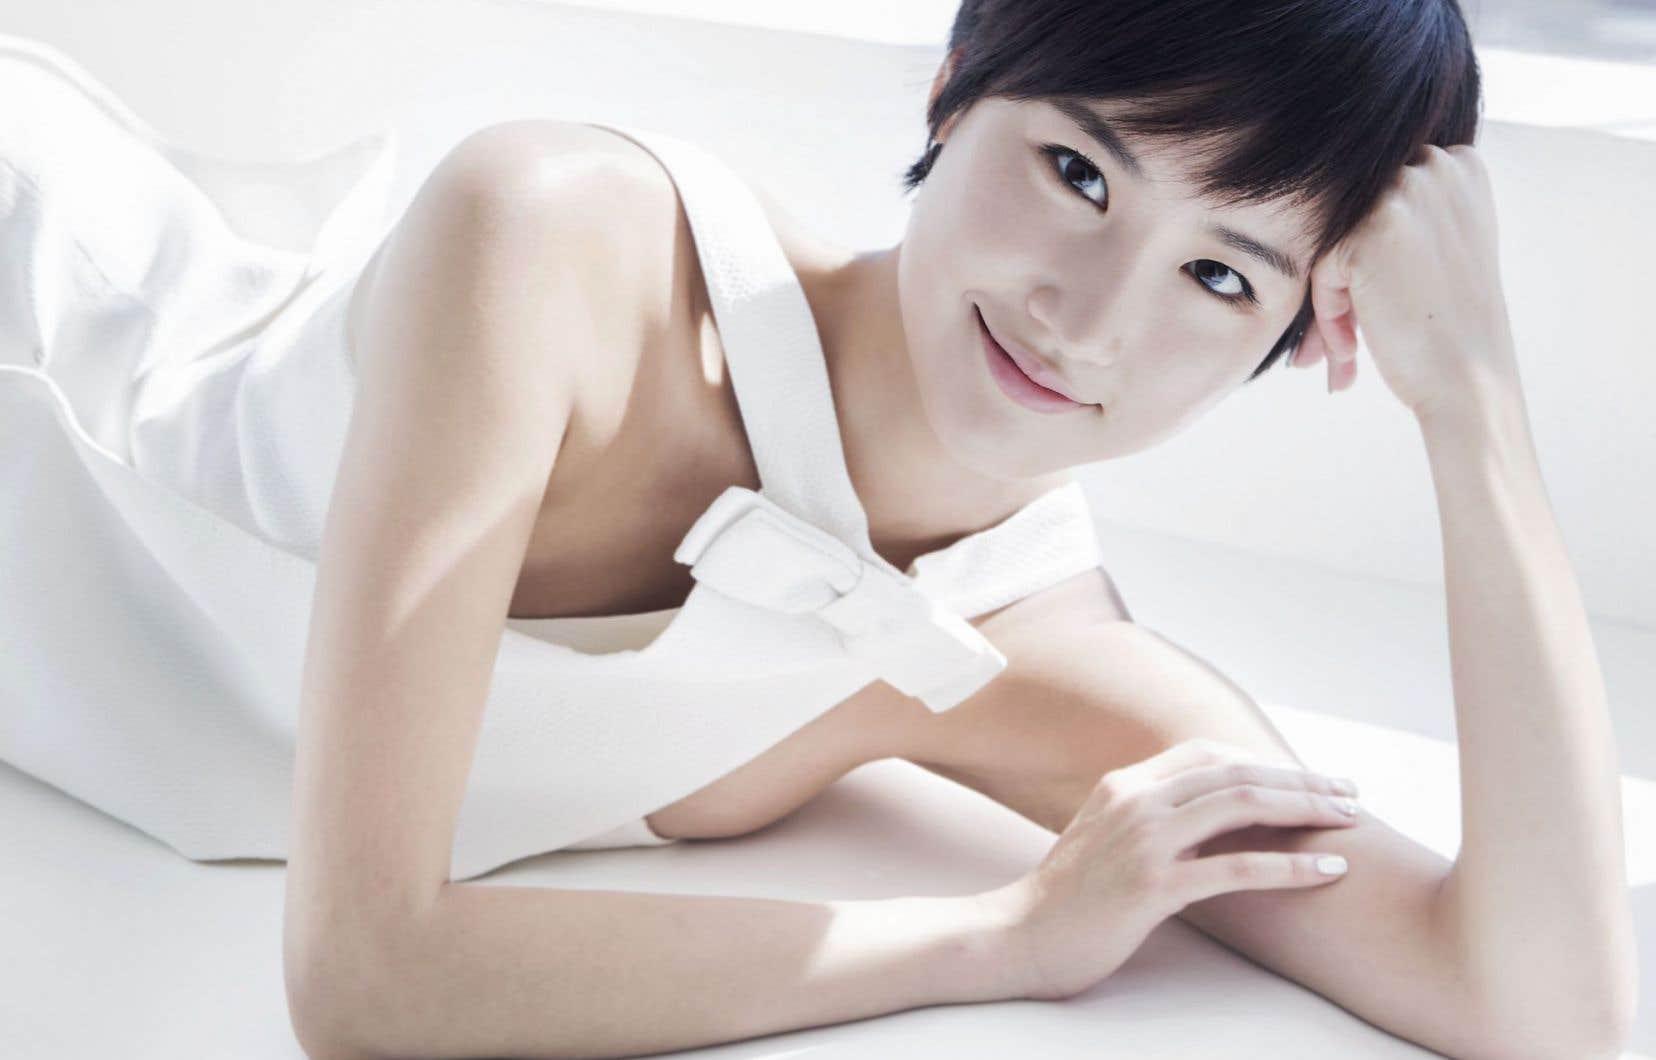 Hyesang Park, parfaite compétitrice de Chant 2015, aux effets si calculés, est devenue aujourd'hui une vraie artiste.